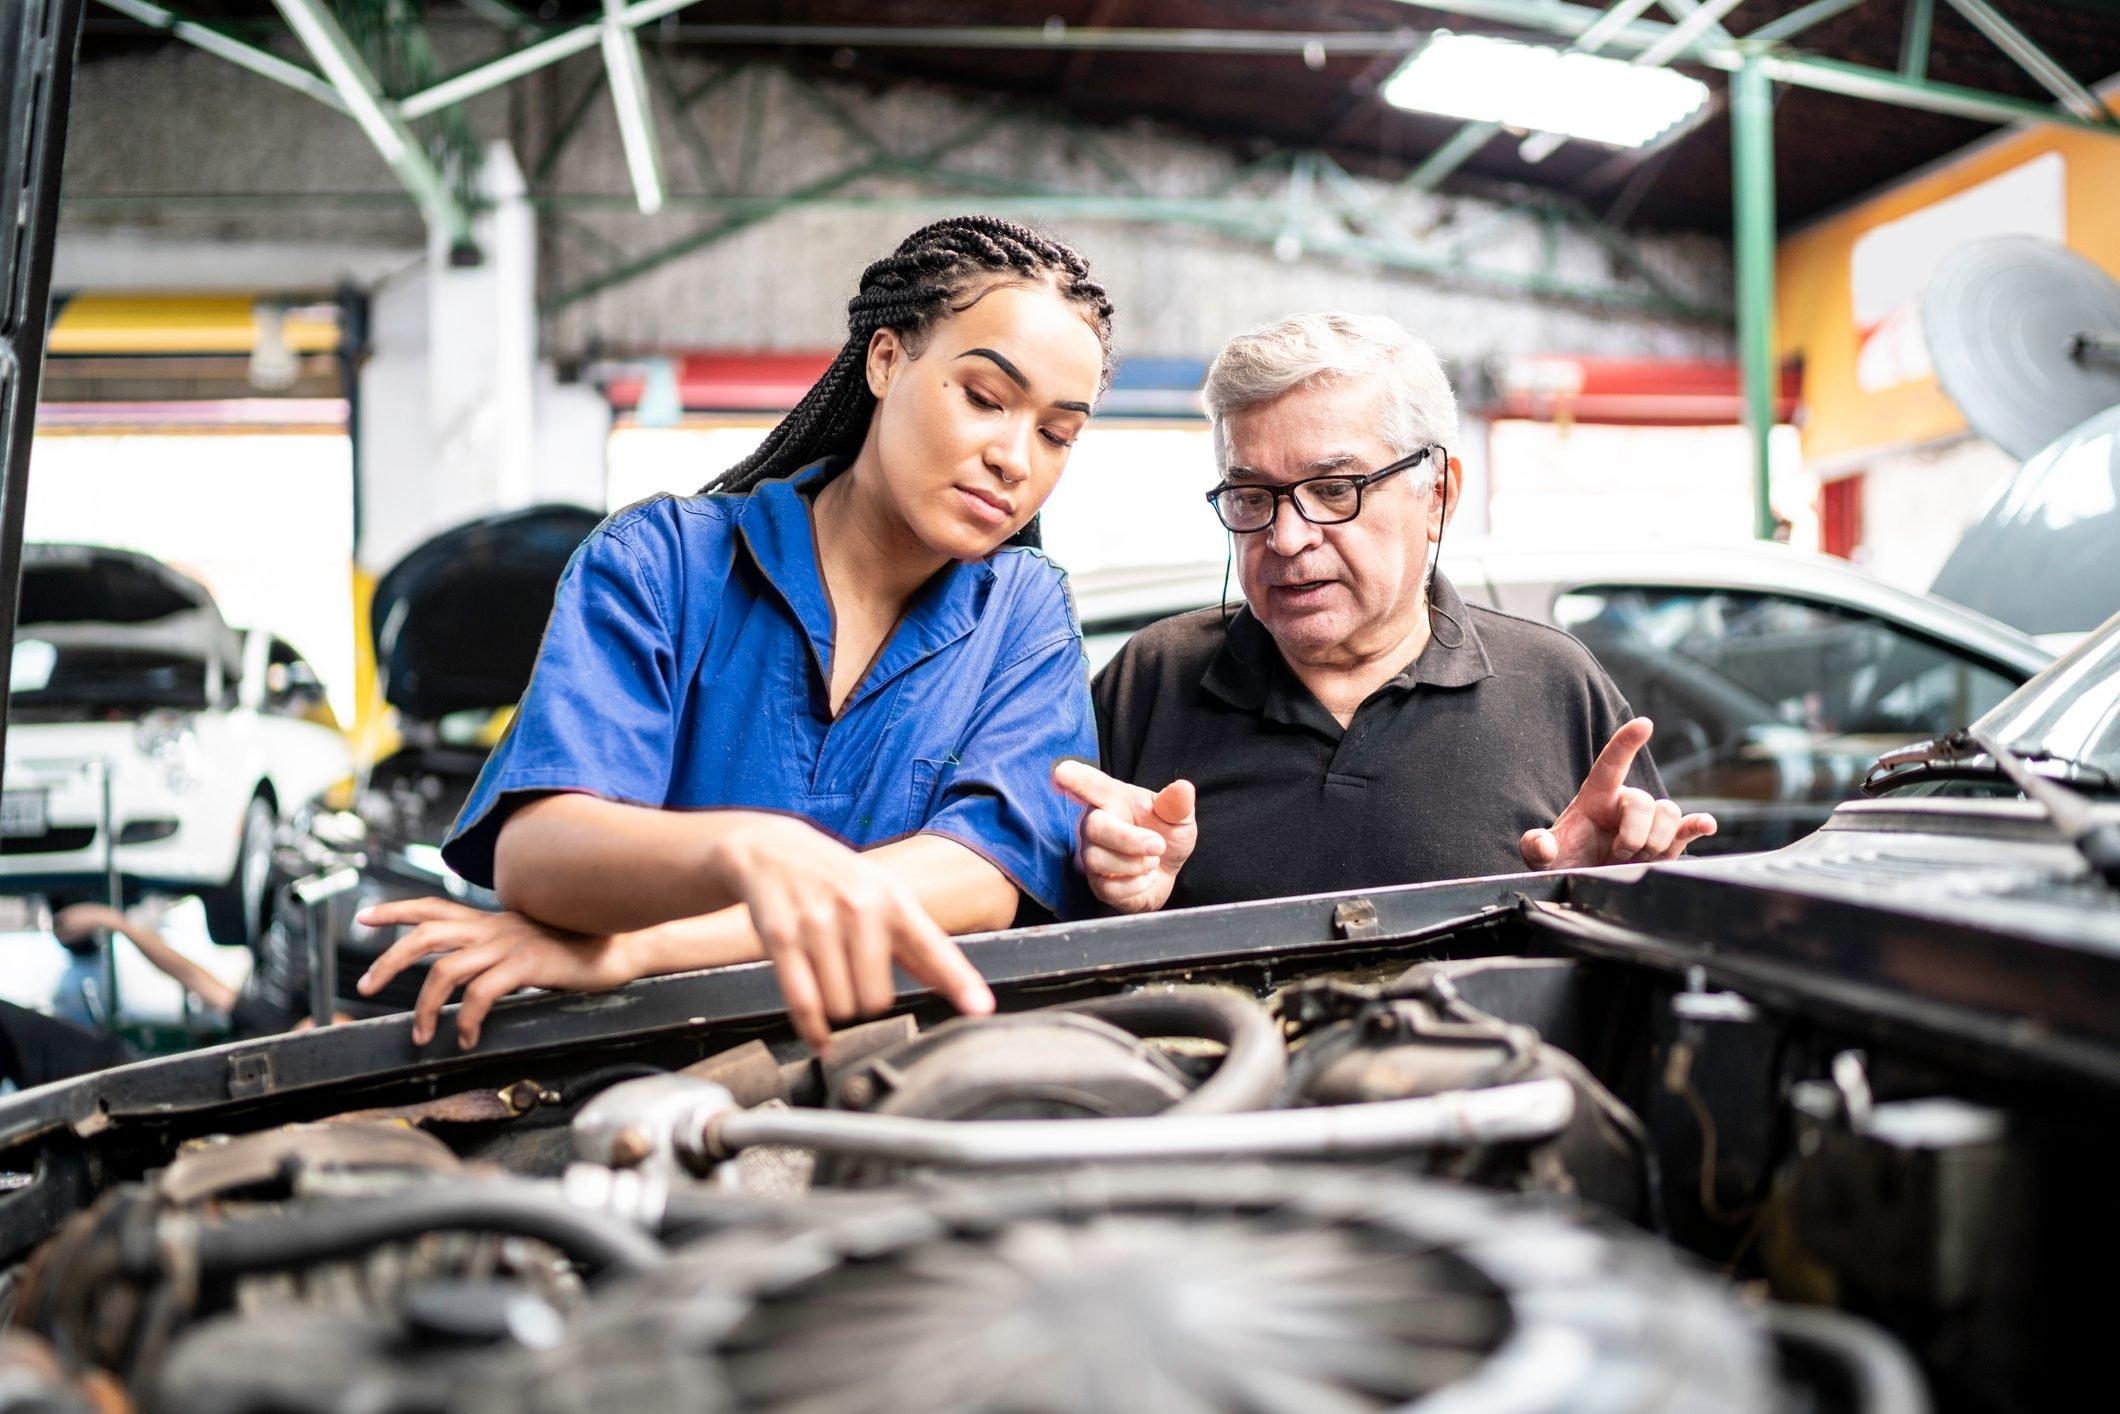 mechanic explaining repair to customer